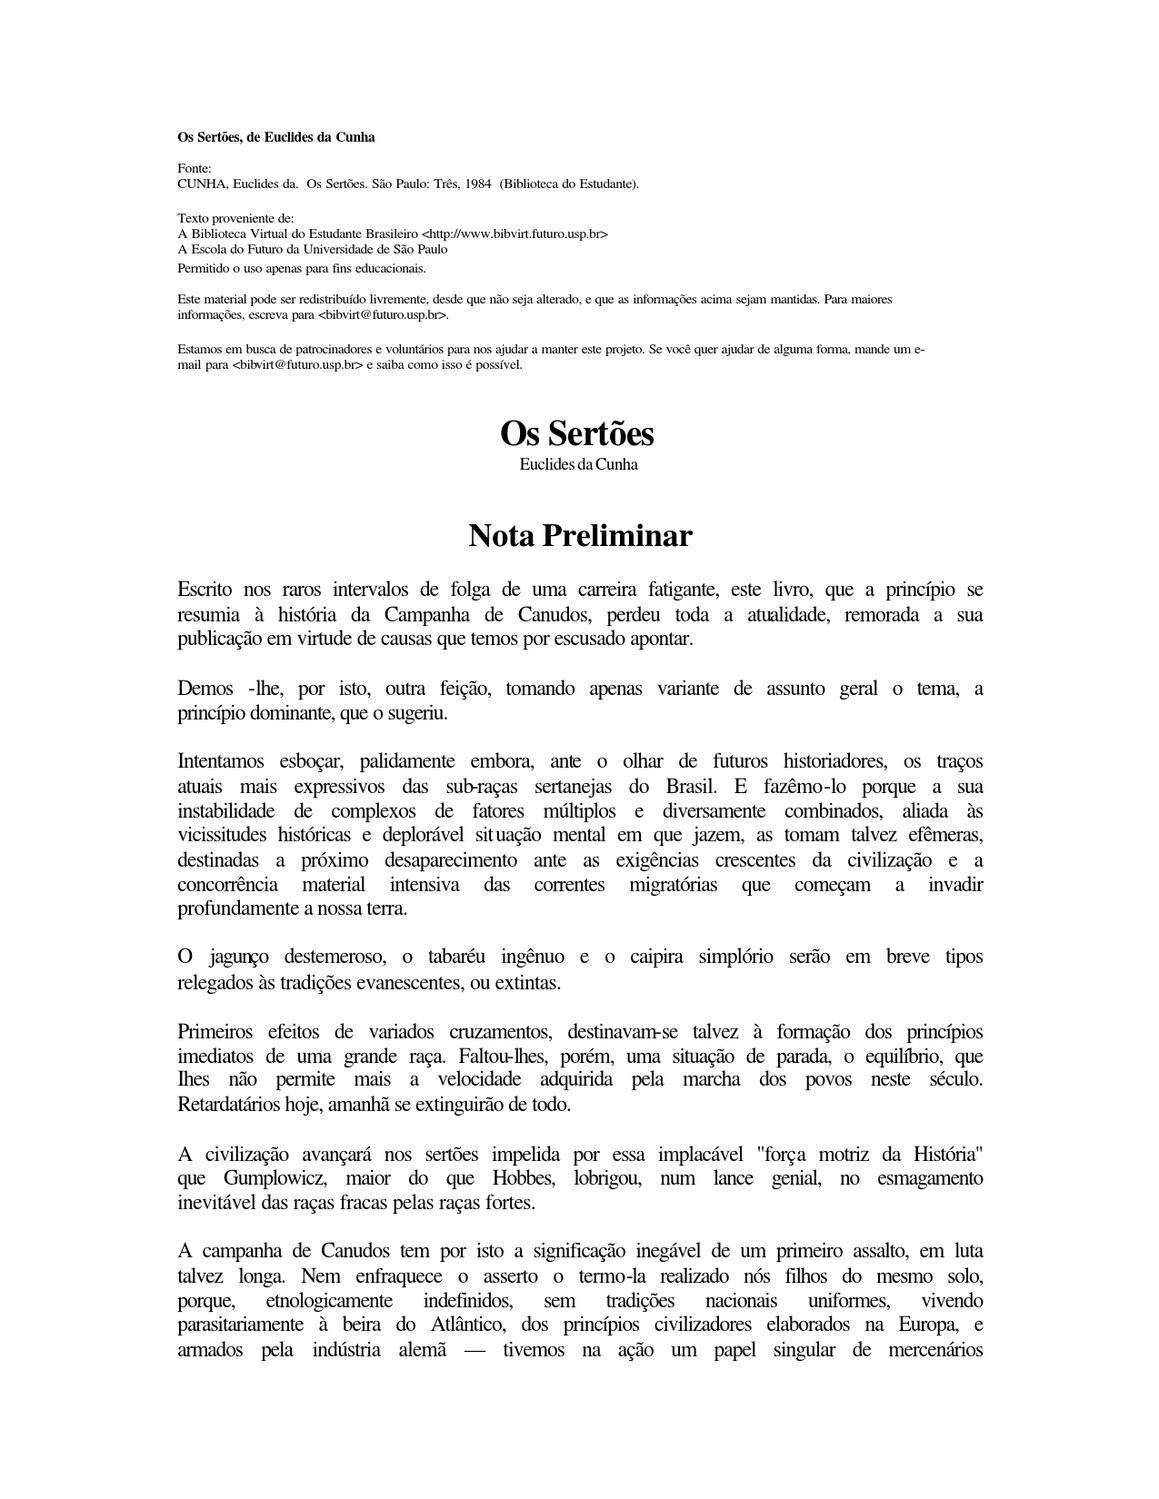 Os Sertões by Simone Vieira - issuu e7360248c59